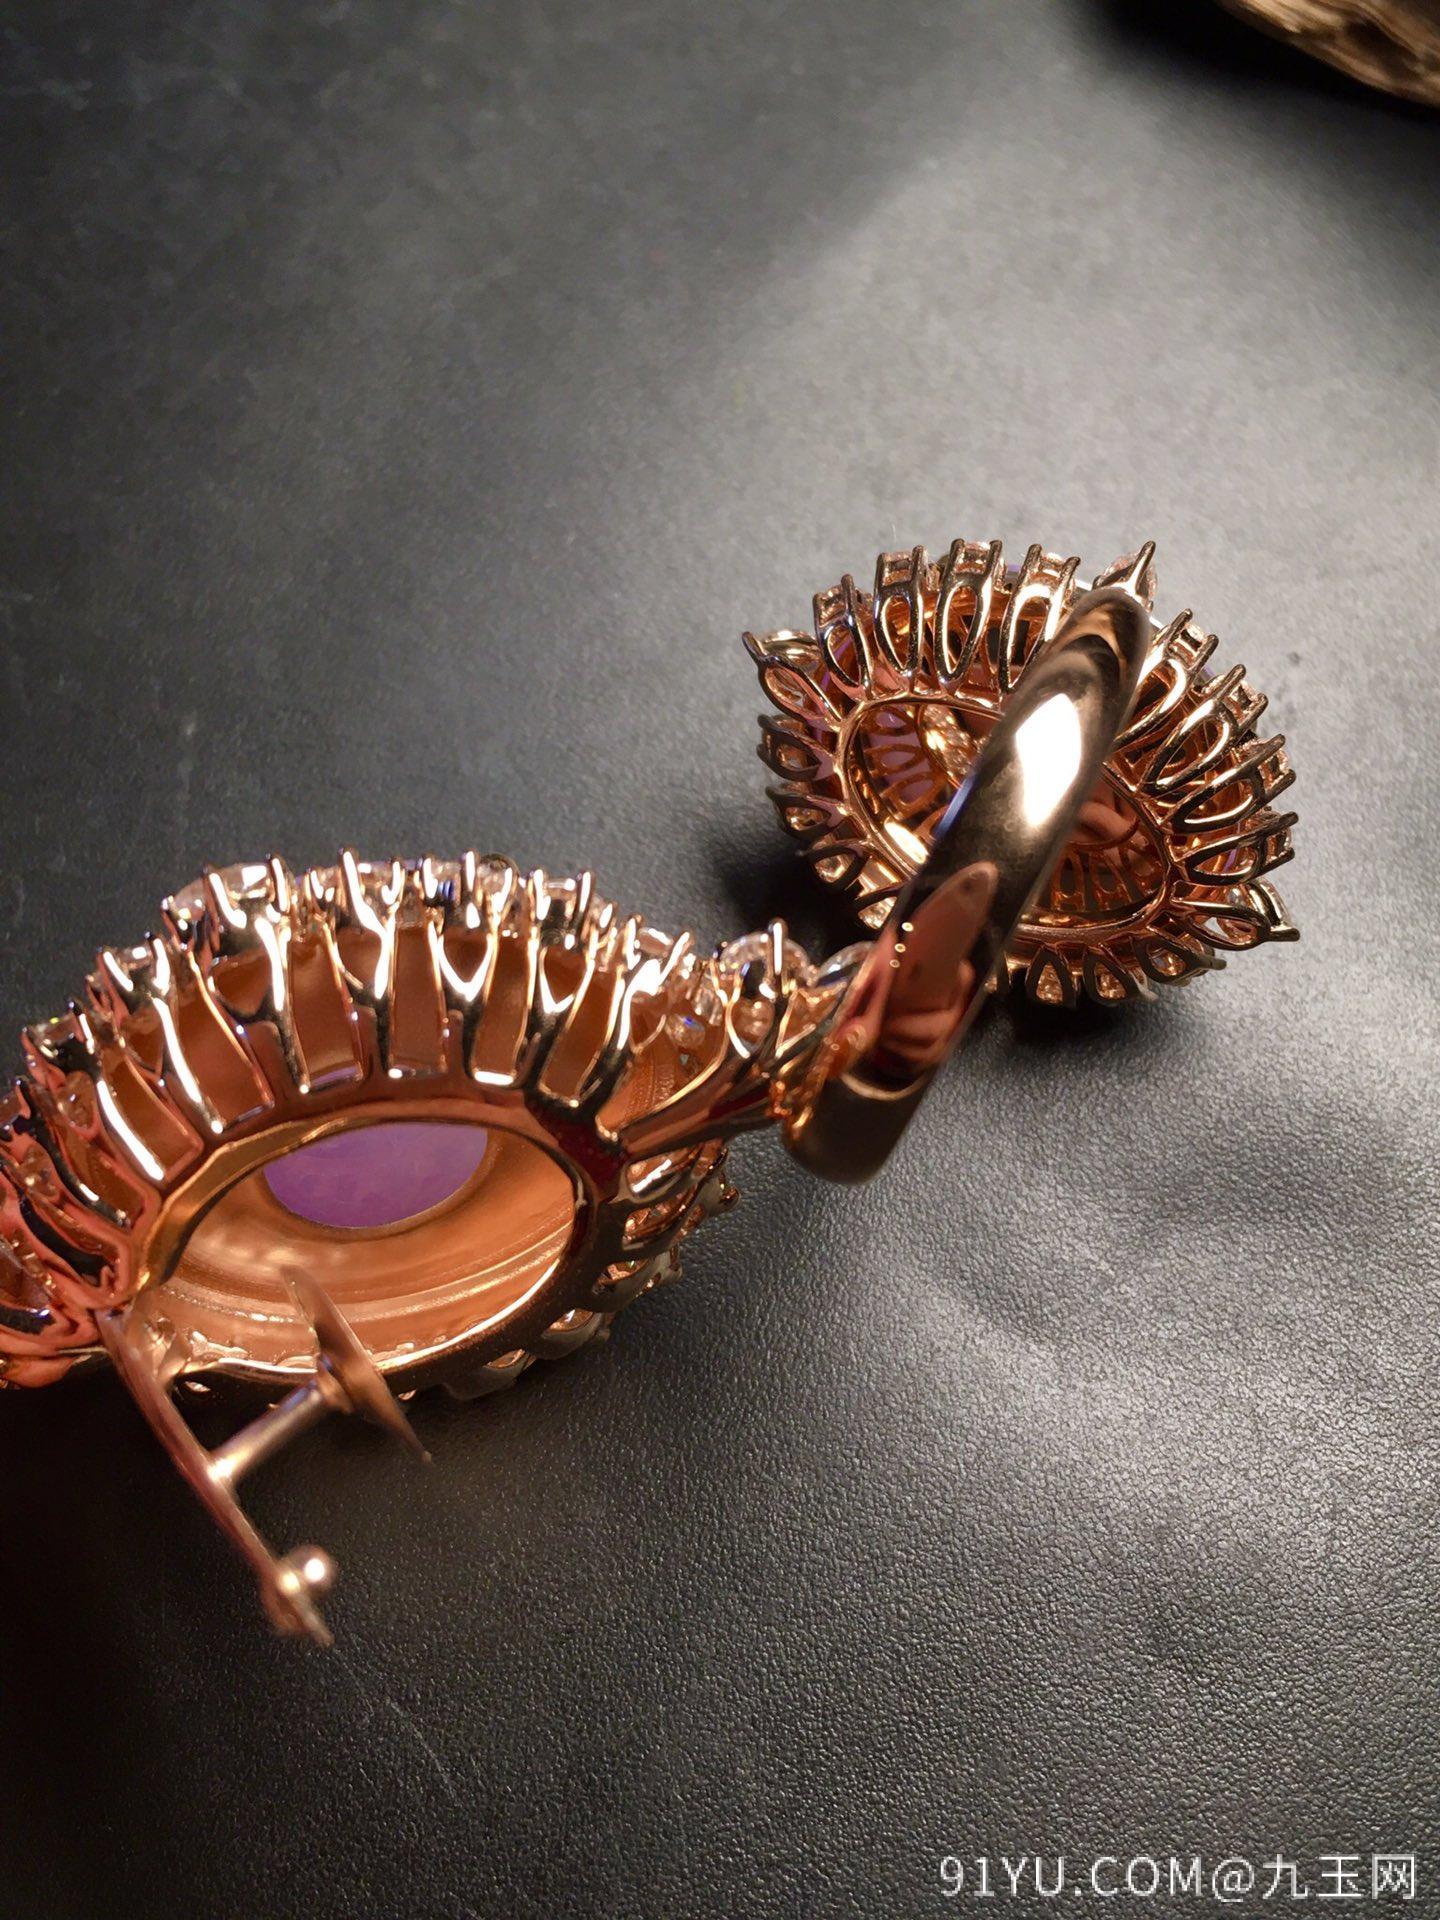 超值,美极了❤【套装,紫罗兰】通透,水润,完美,18k金华奢钻镶石嵌☕第6张